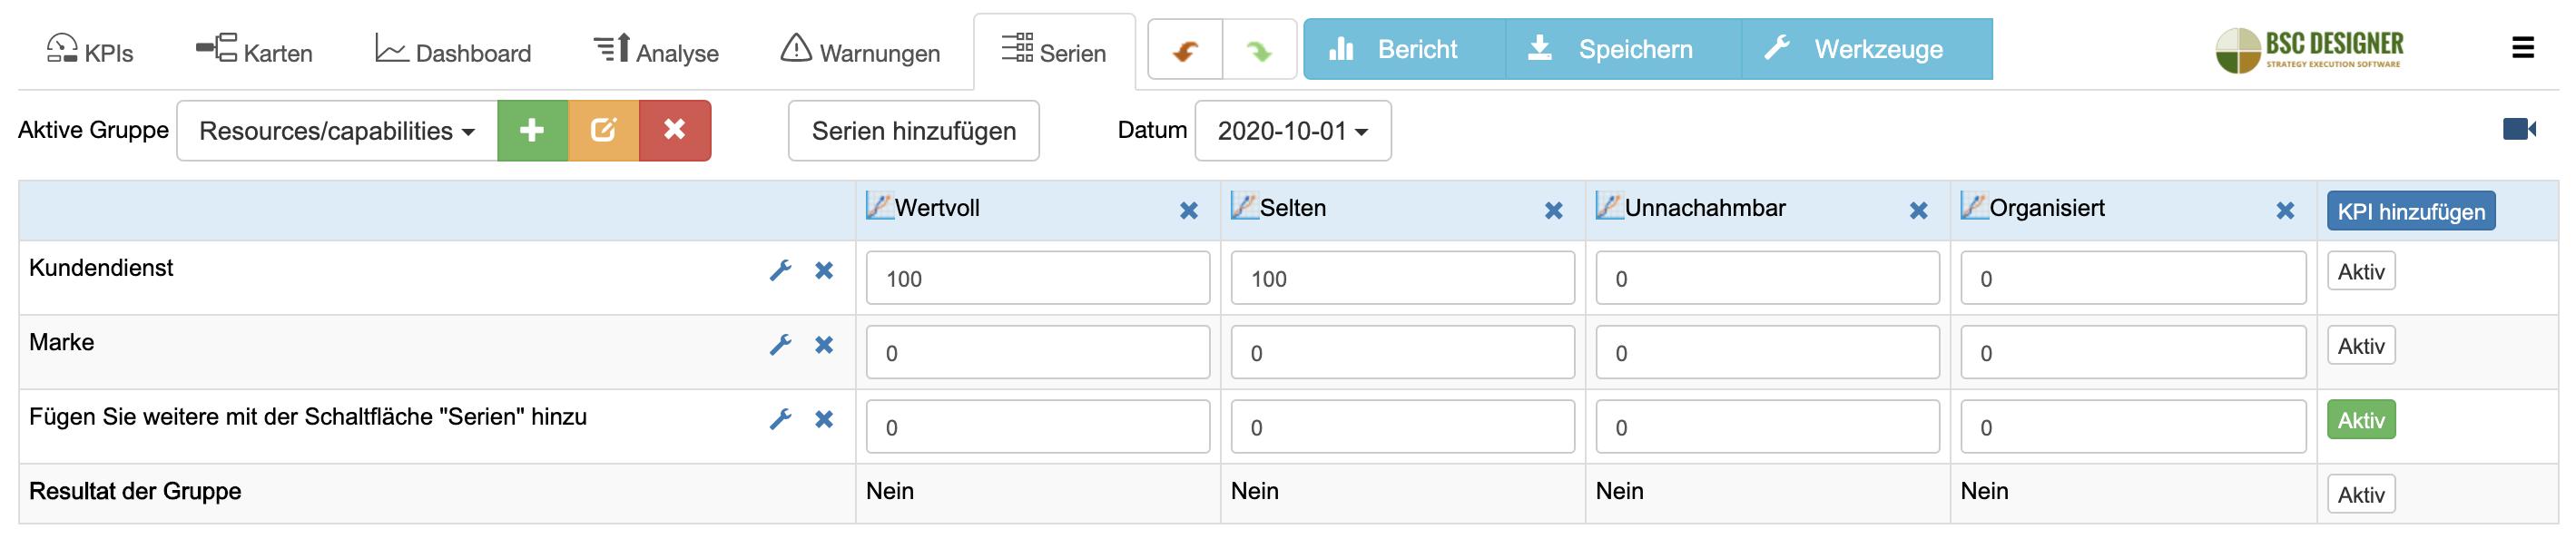 Beispiel einer VRIO-Analyse in BSC Designer Online